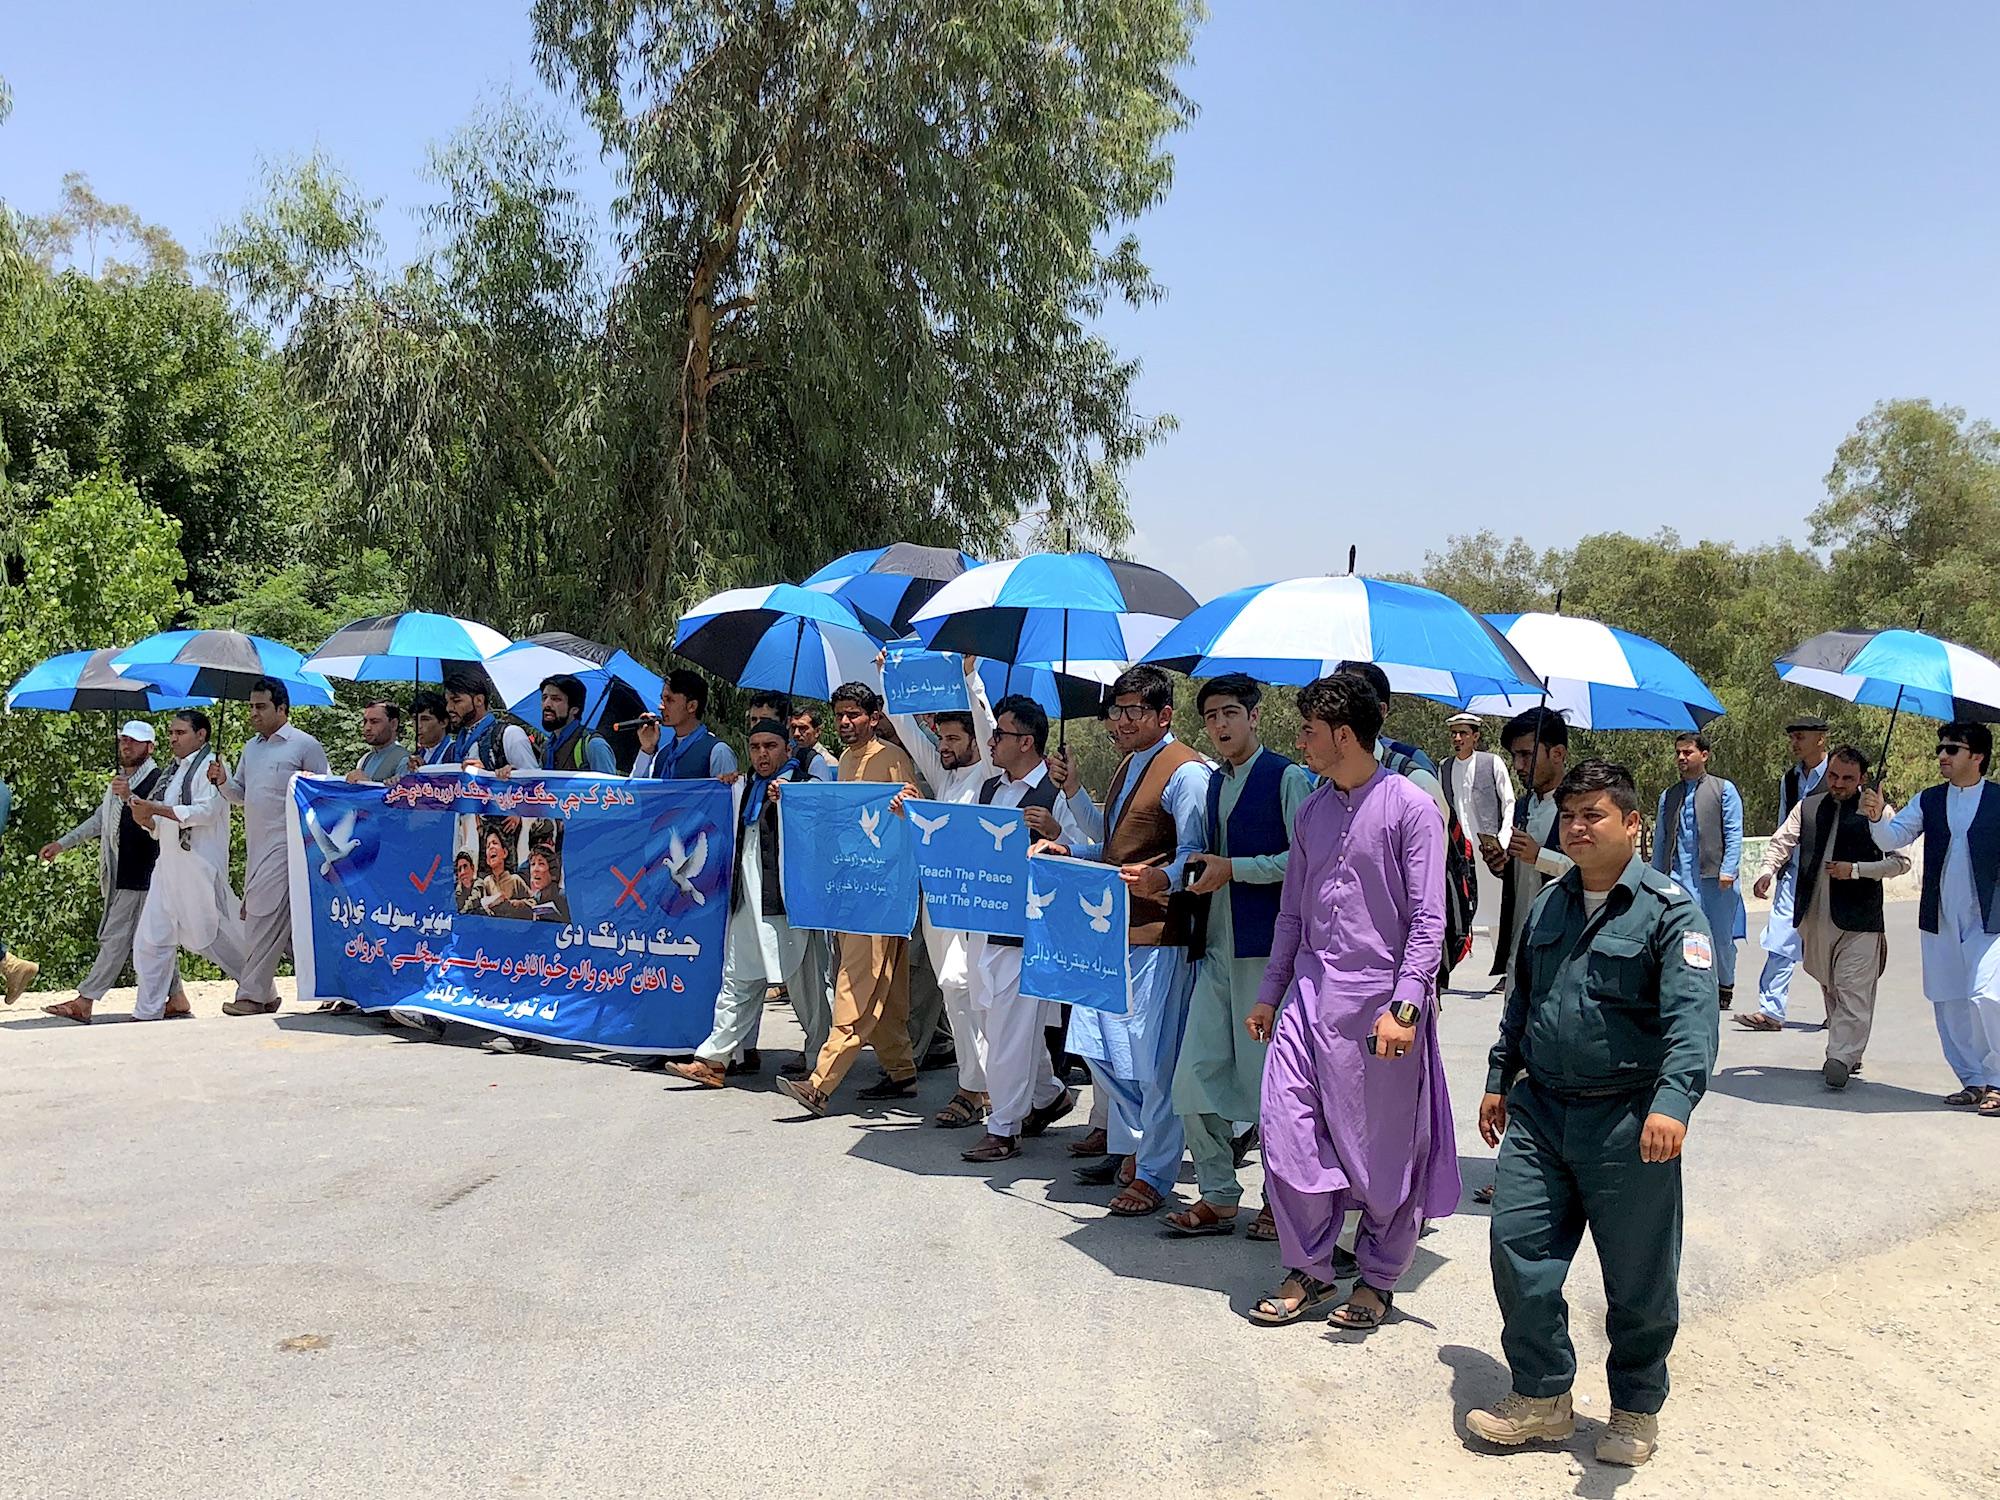 افغان کډوال له پېښور څخه کابل ته د سولې په کاروان کې لاړل